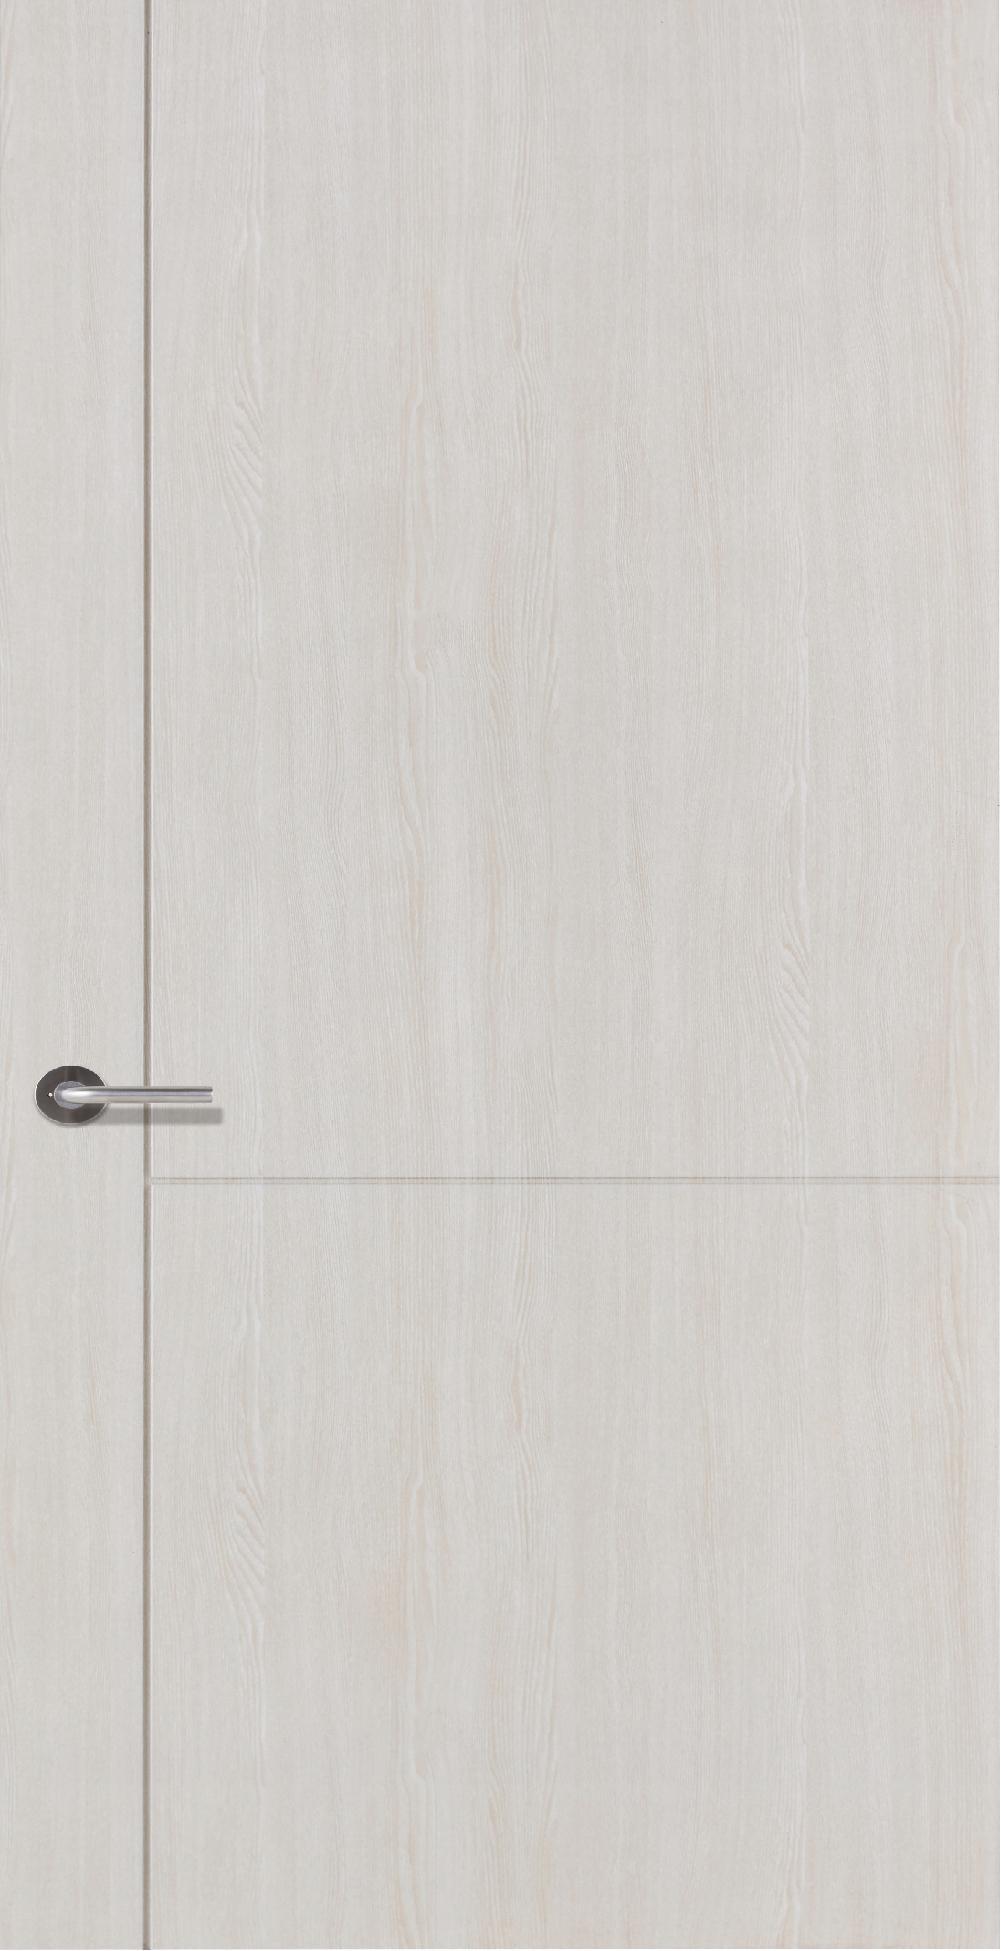 ARIZE DOOR ABS 900